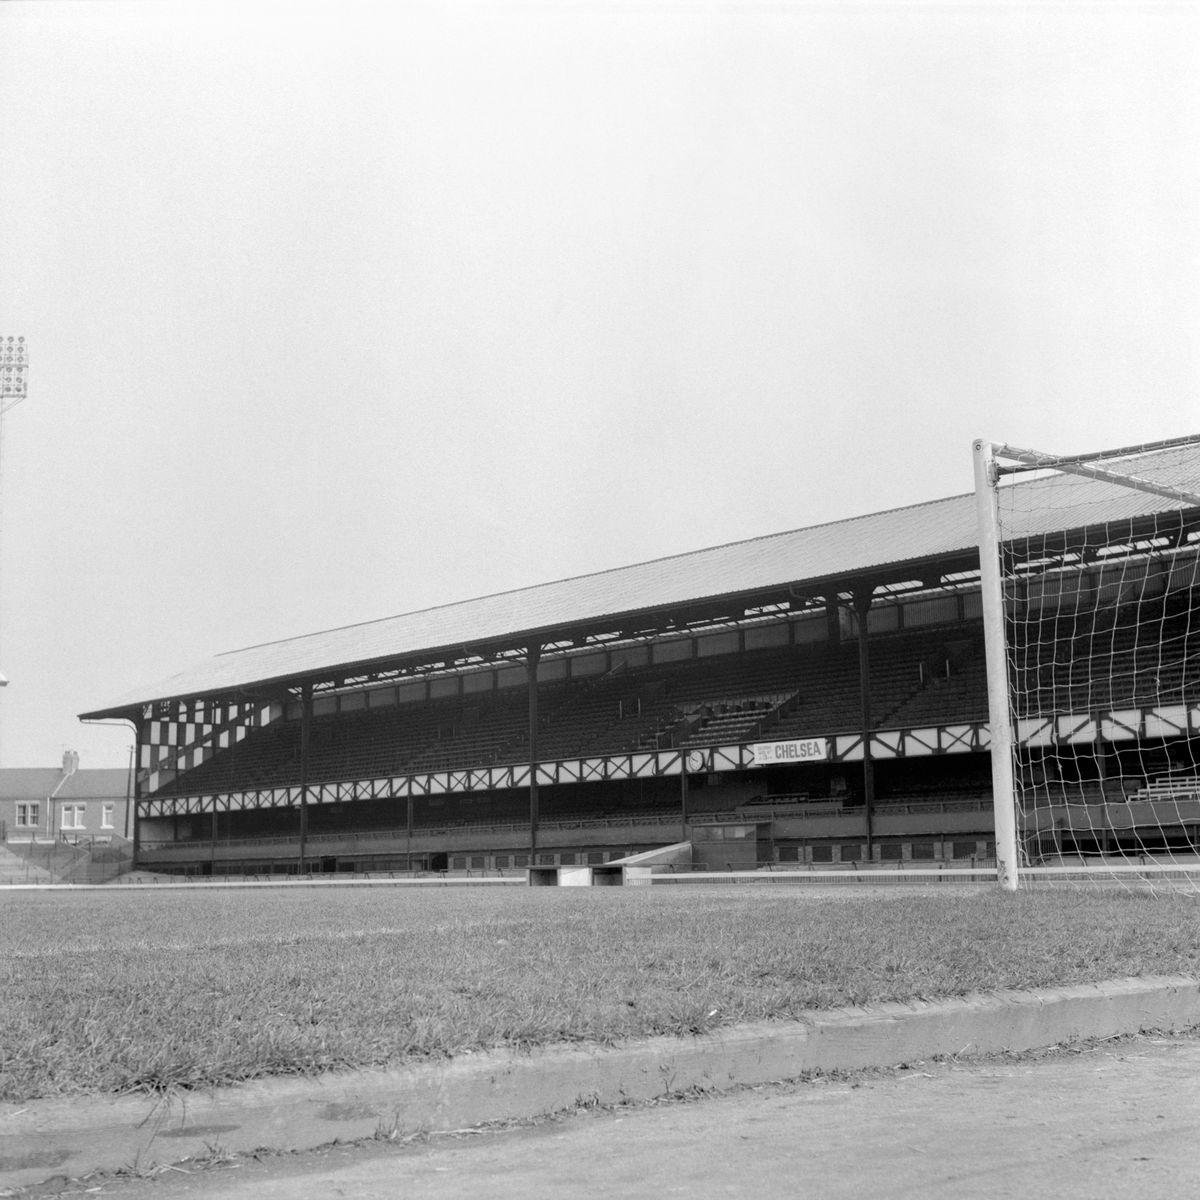 Soccer - Roker Park Stadium - Sunderland